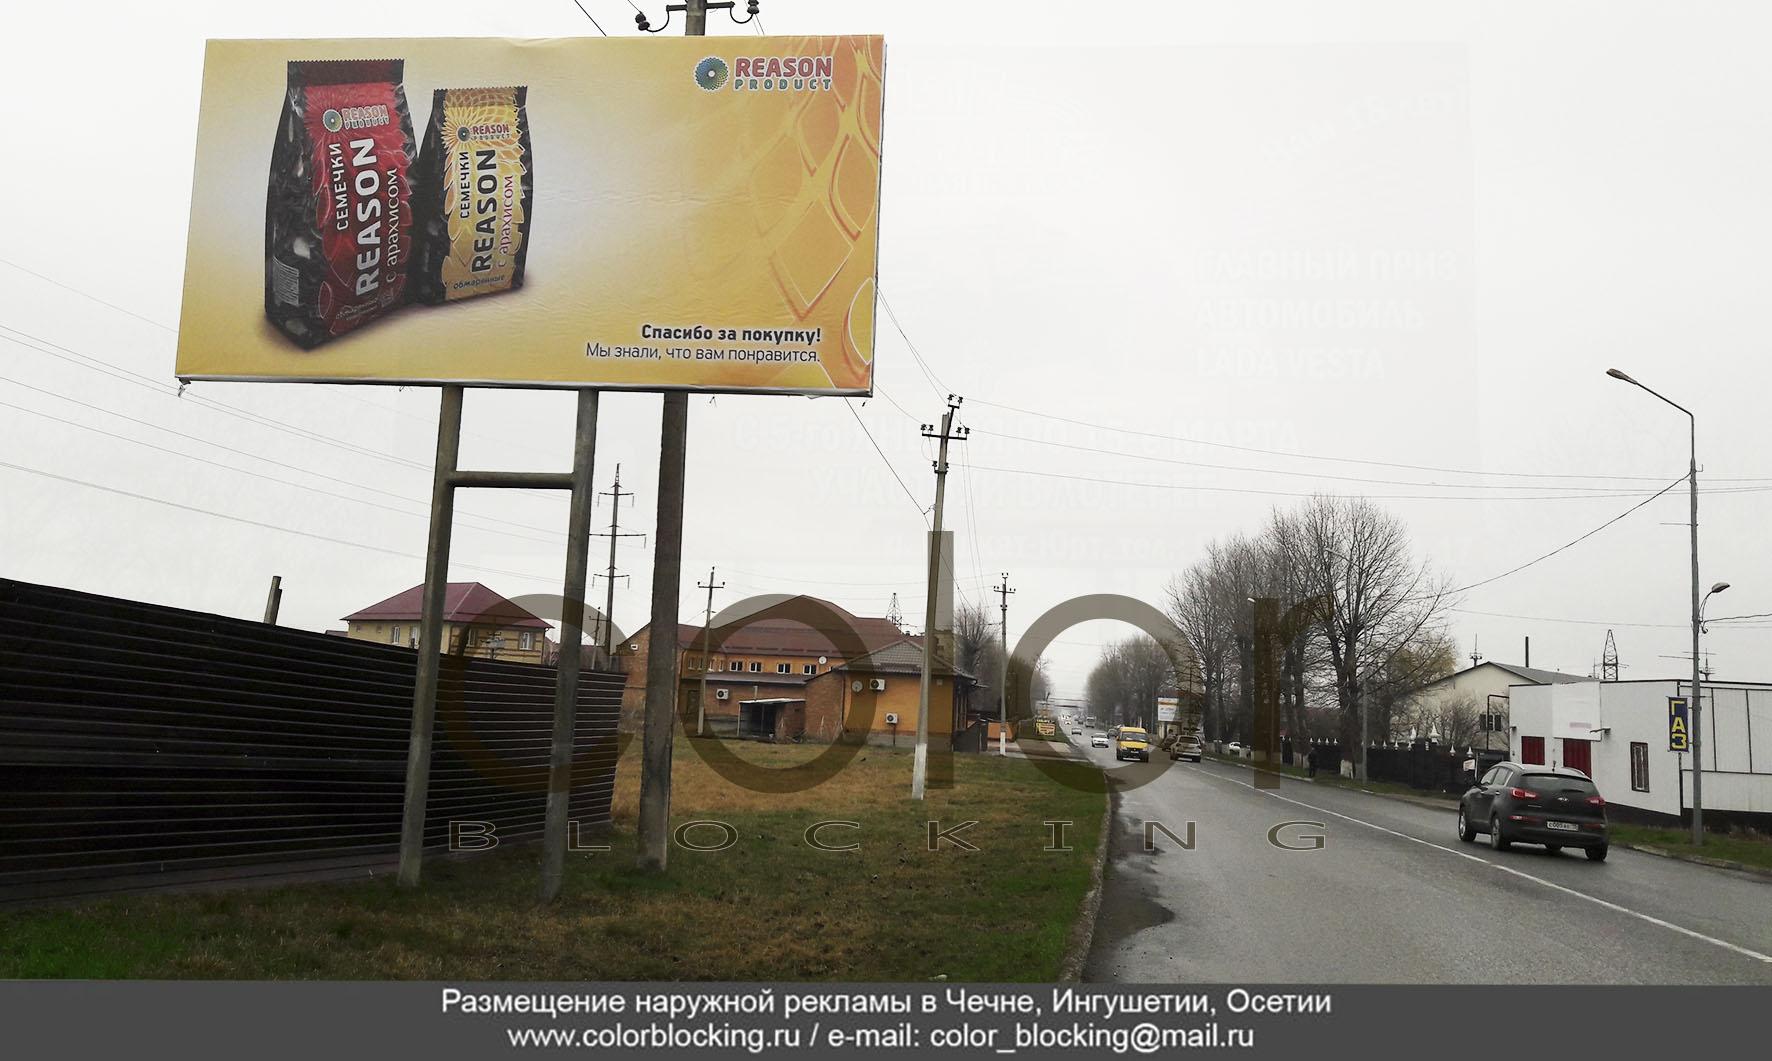 Наружная реклама в Назрани щиты